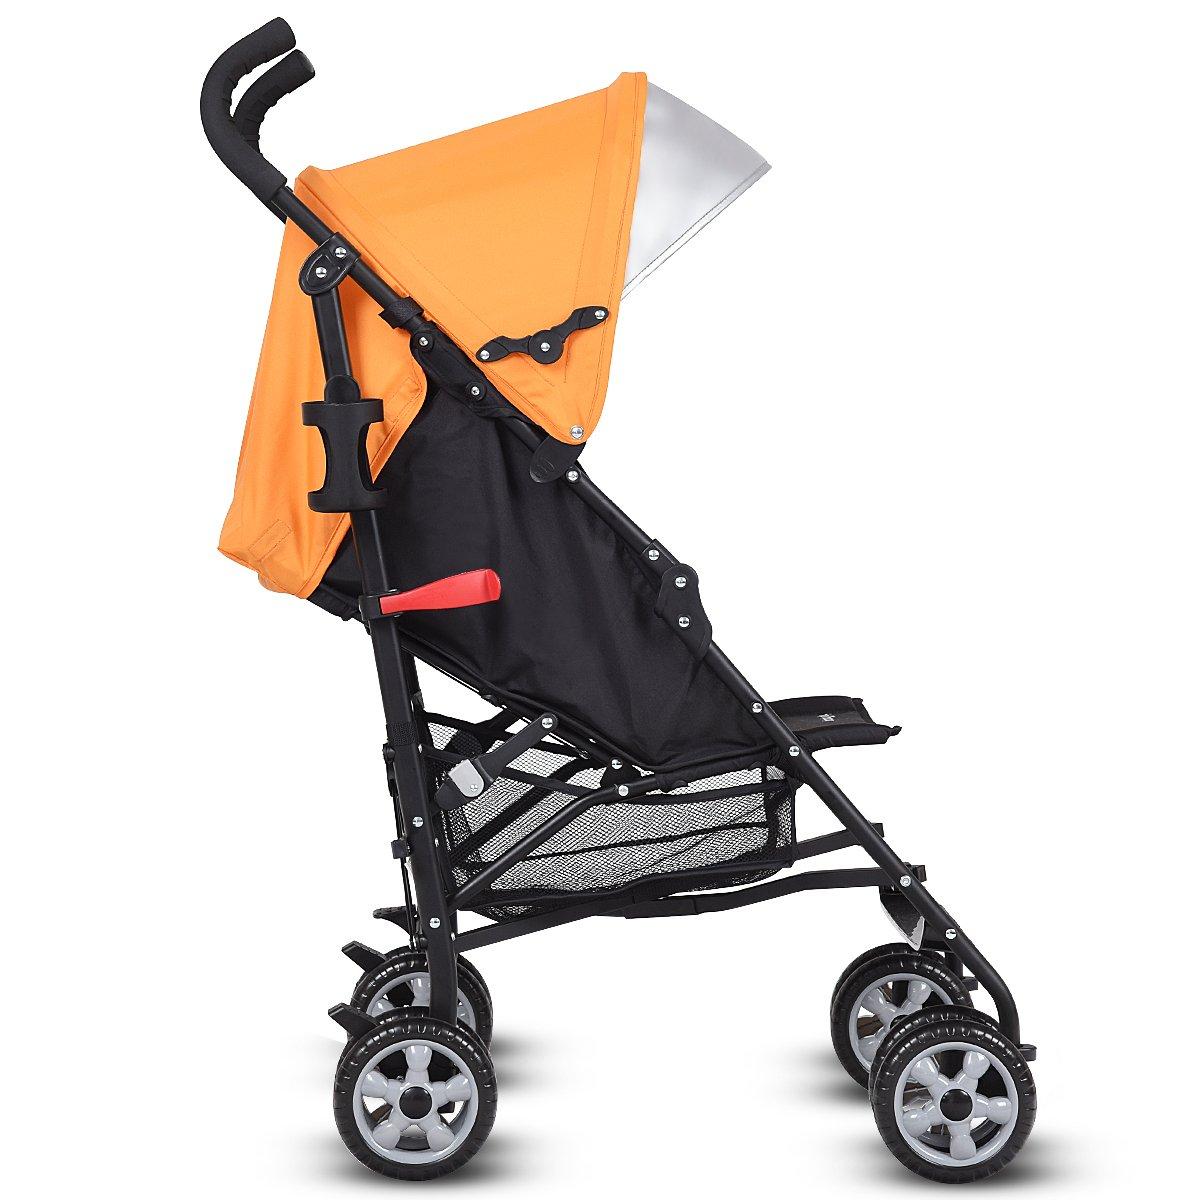 INFANS Lightweight Baby Umbrella Stroller, Foldable Infant Travel Stroller with 4 Position Recline, Adjustable Backrest, Cup Holder, Storage Basket, UV Protection Canopy, Carry Belt (Orange) by INFANS (Image #3)